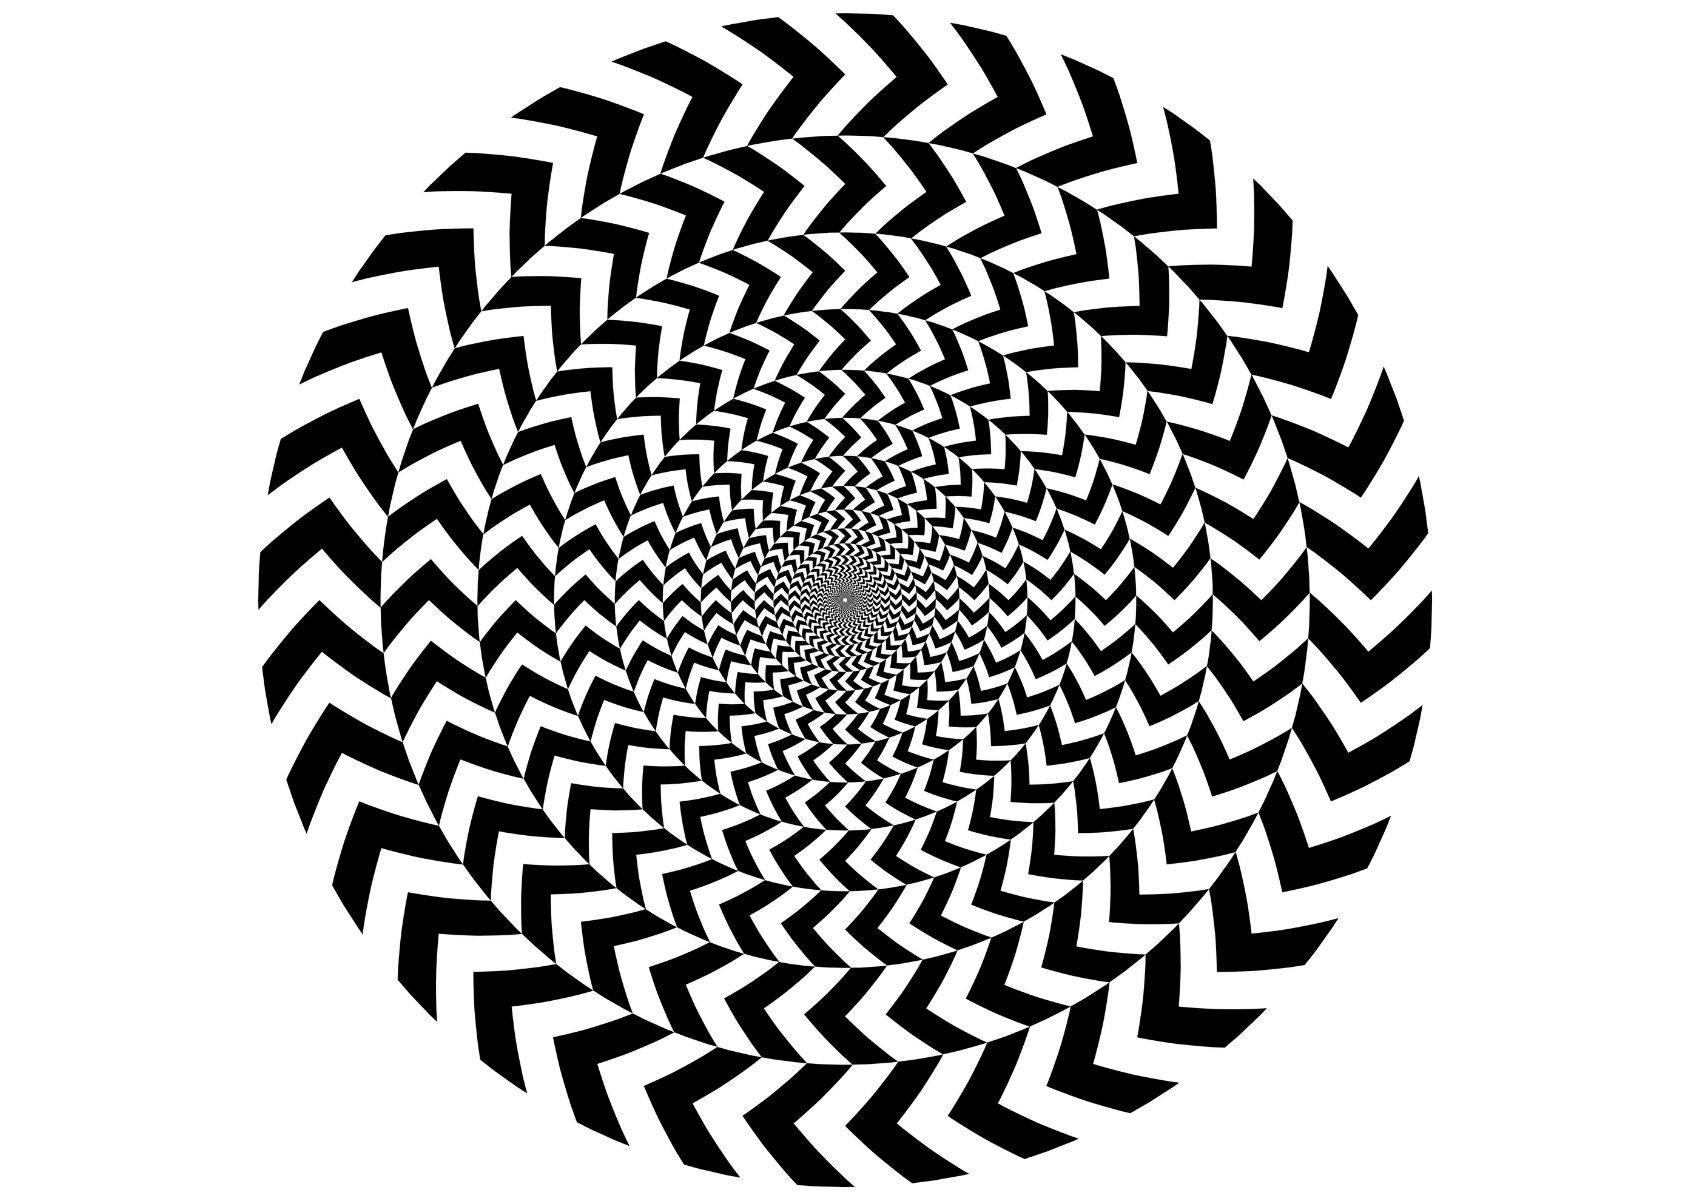 Psicologia-consumi-vortex